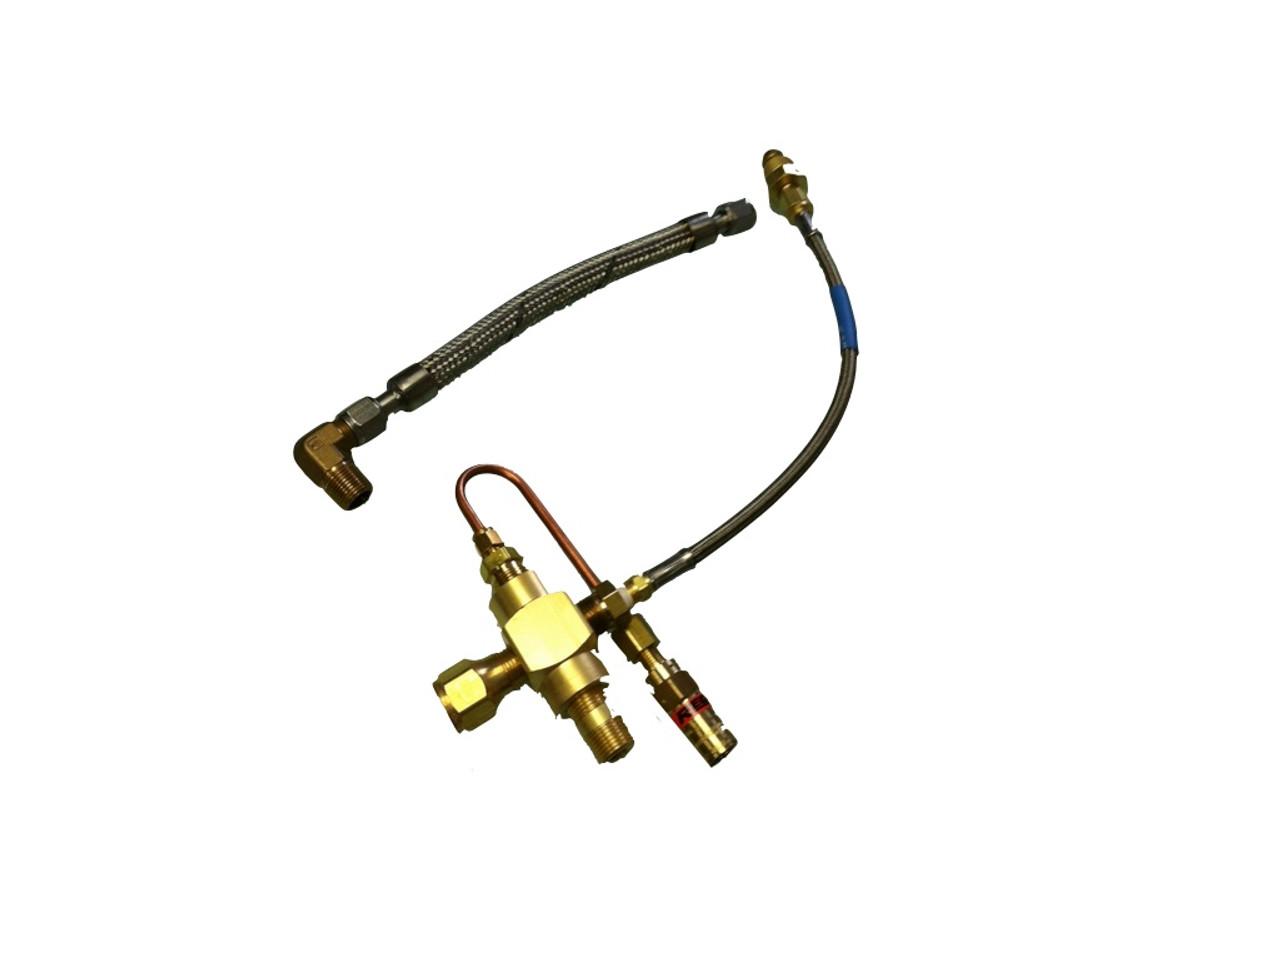 SOS hose kit